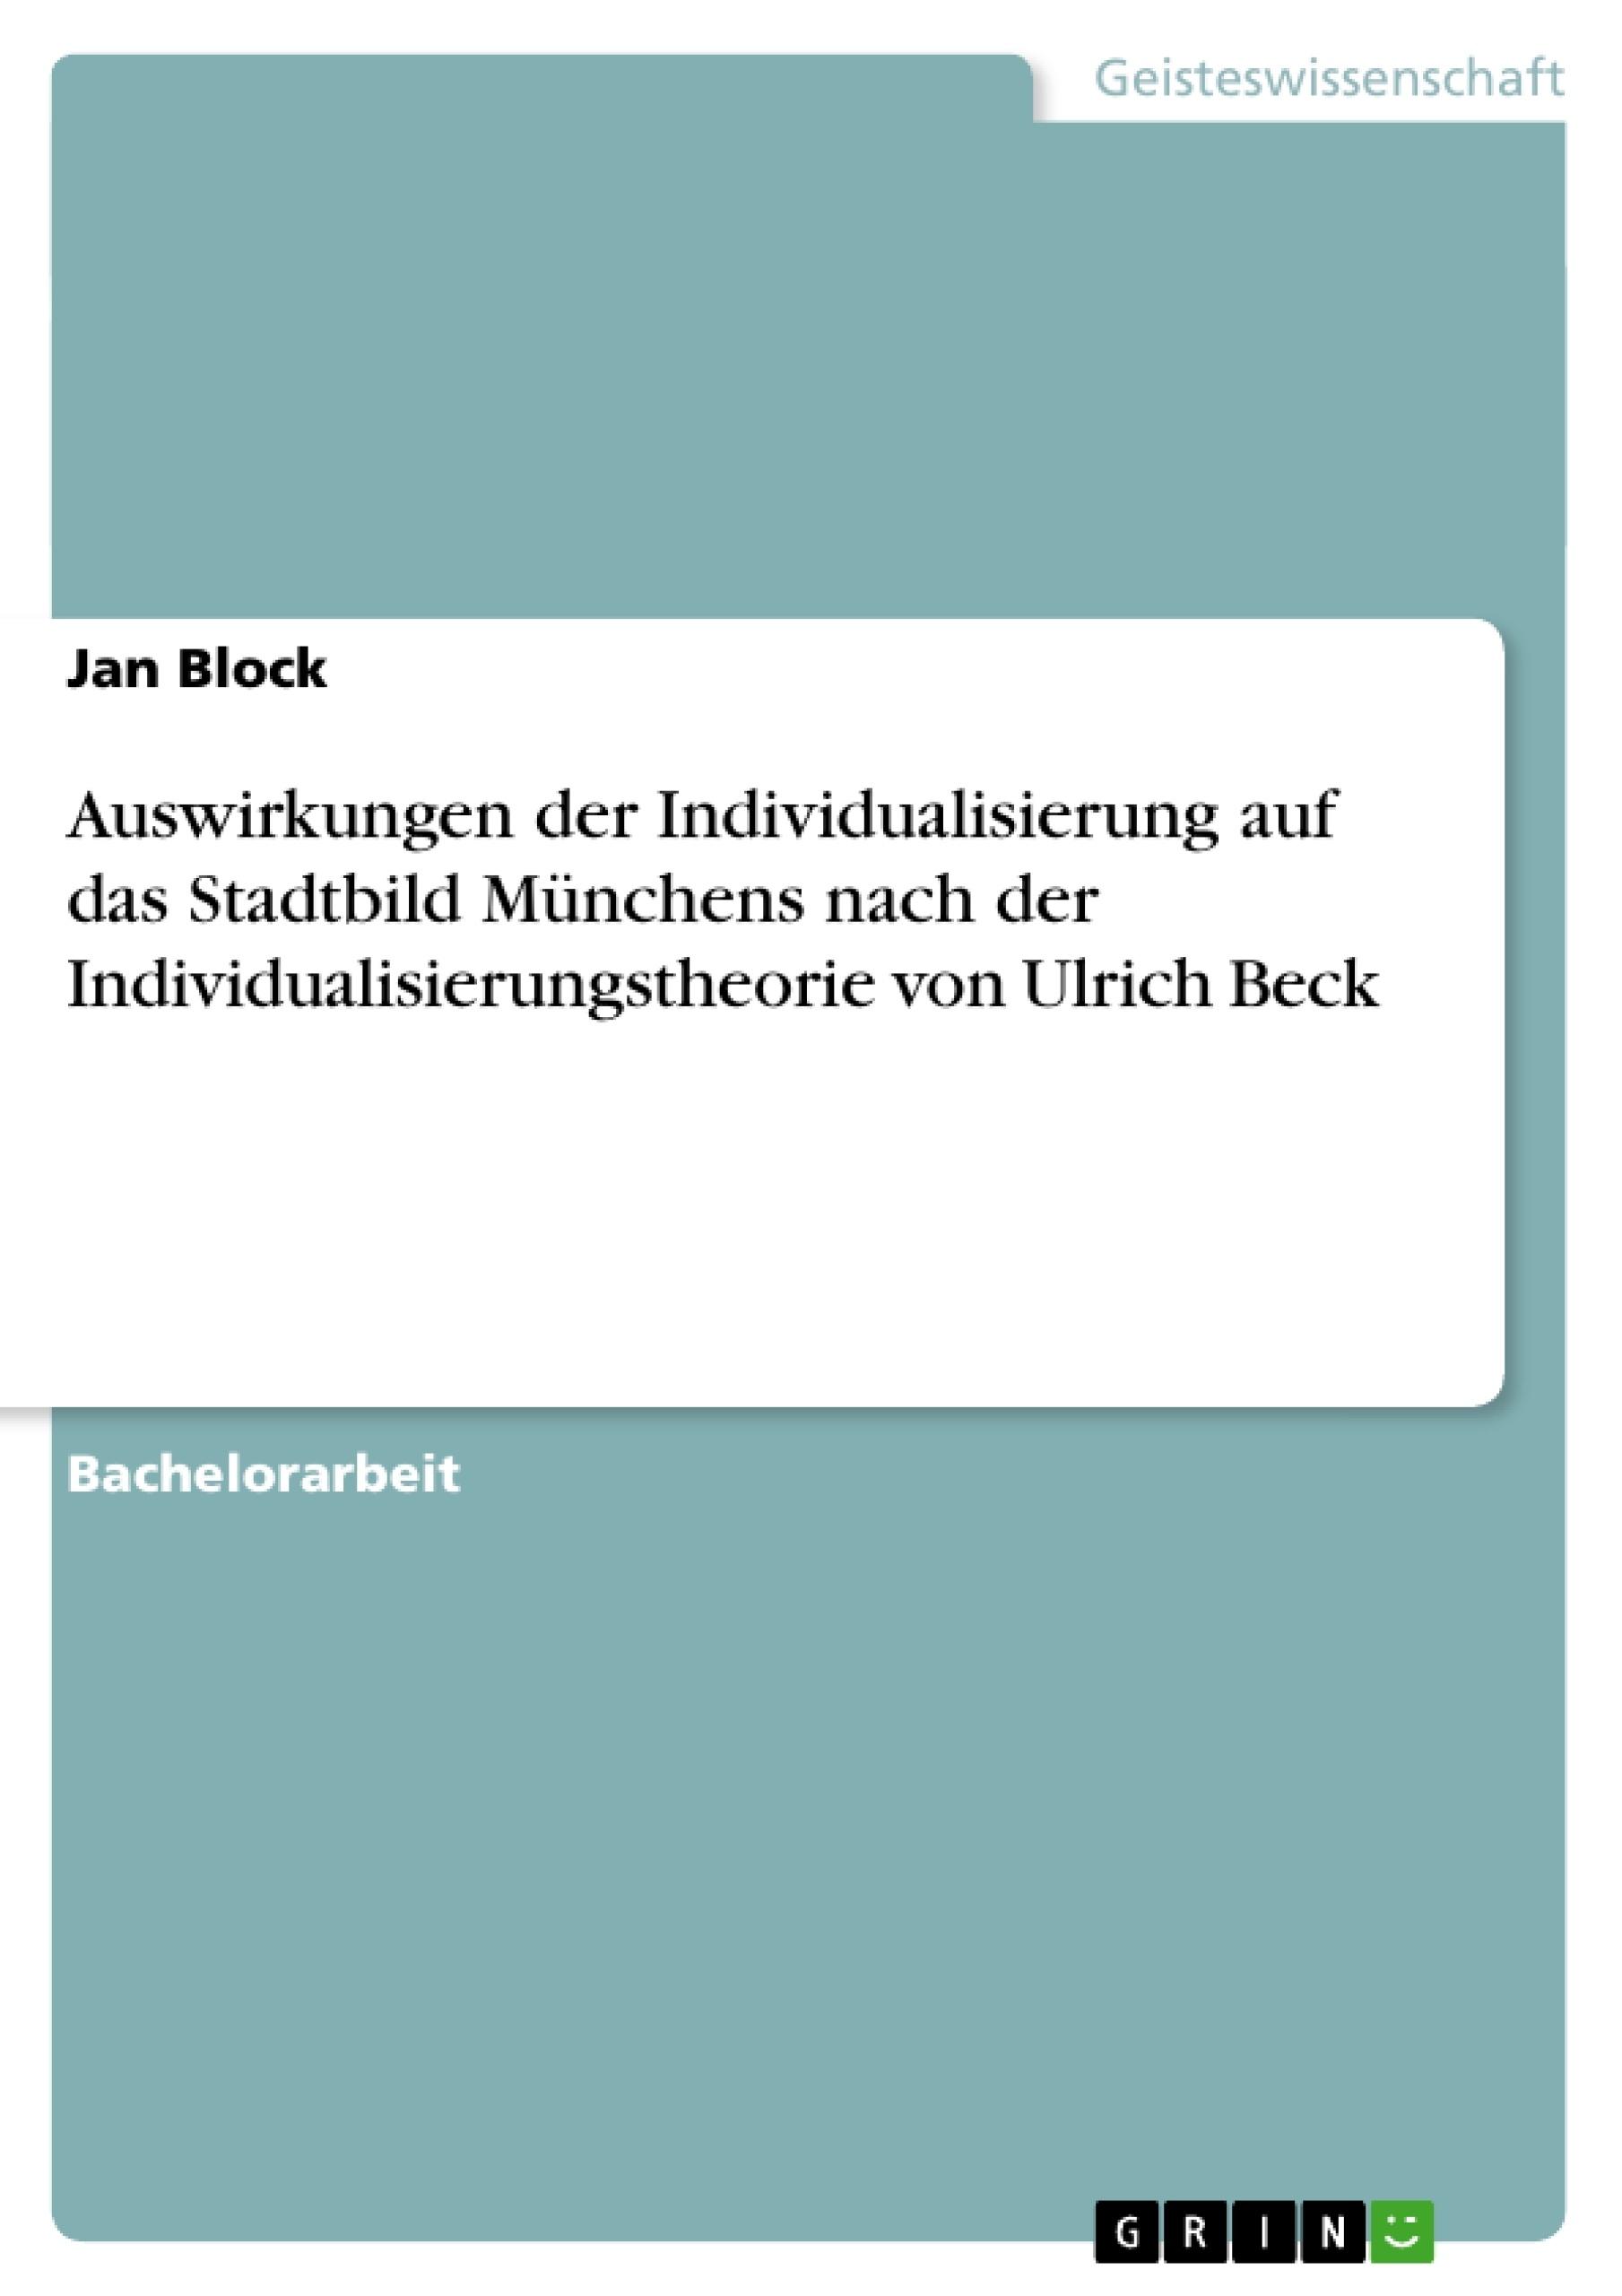 Titel: Auswirkungen der Individualisierung auf das Stadtbild Münchens nach der Individualisierungstheorie von Ulrich Beck